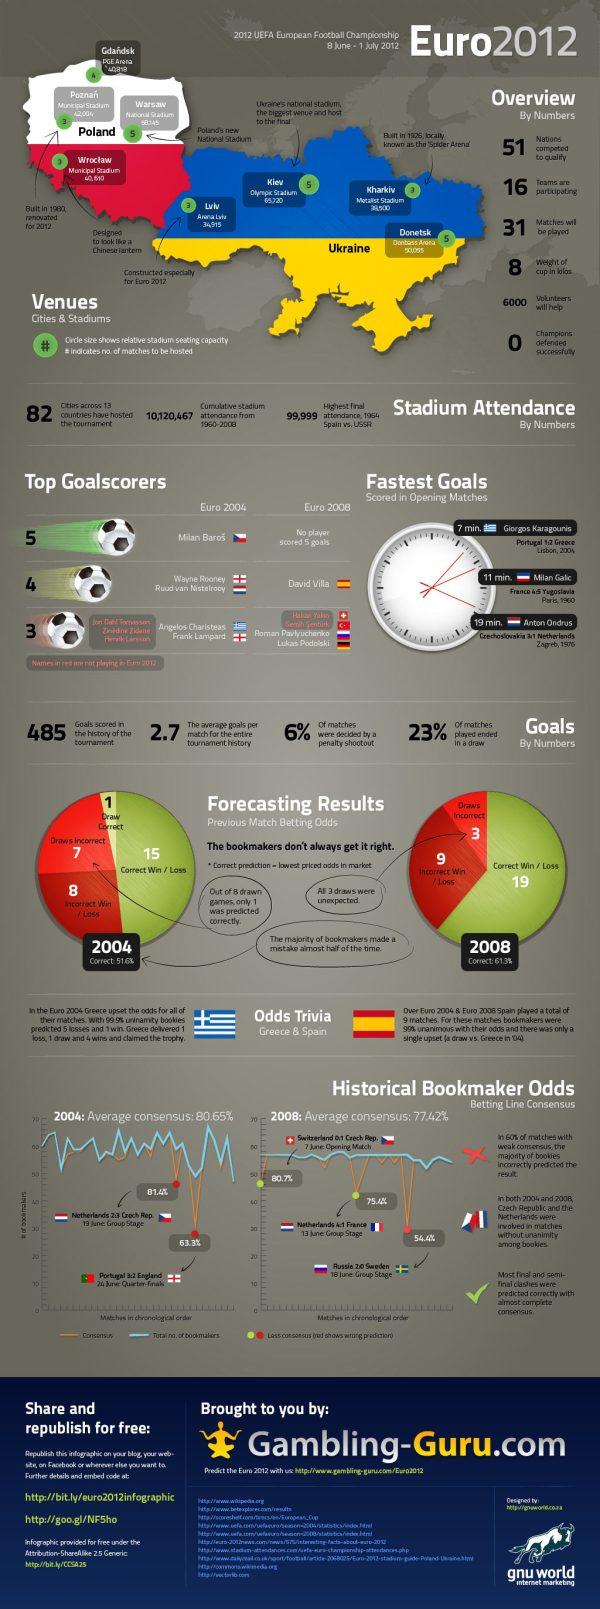 Euro 2012 Infographic La Eurocopa 2012 Polonia Ucrania en números [Infografìa]